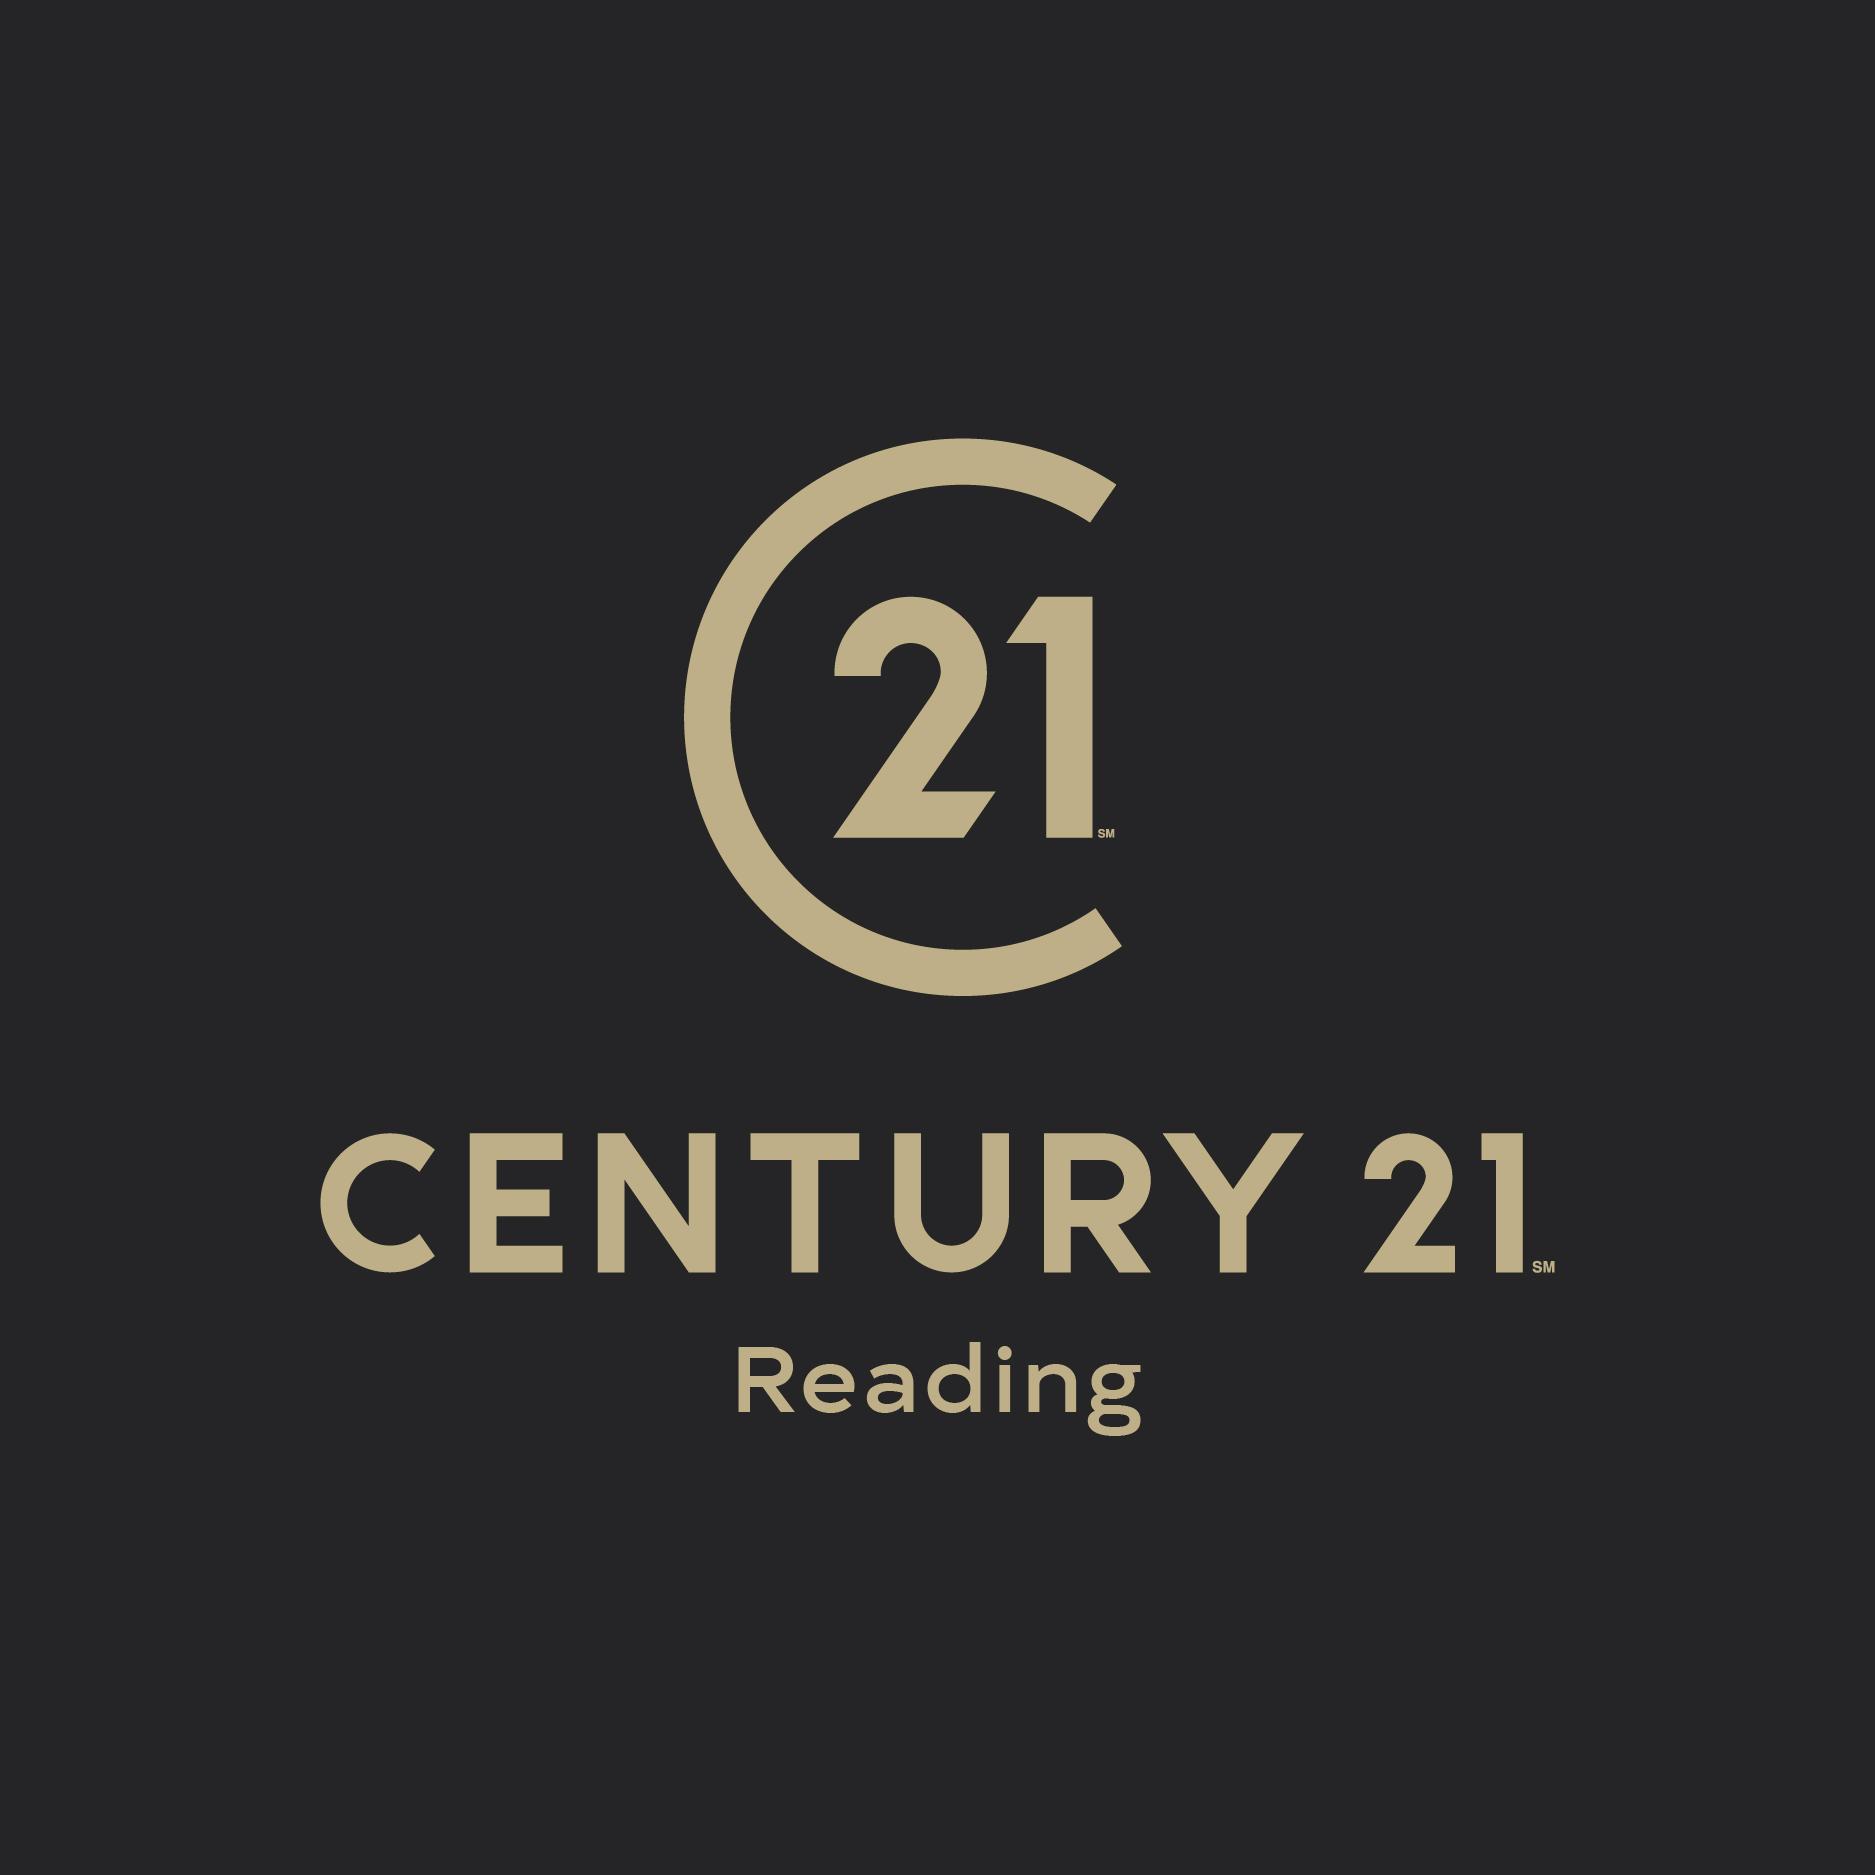 Century 21 - Reading